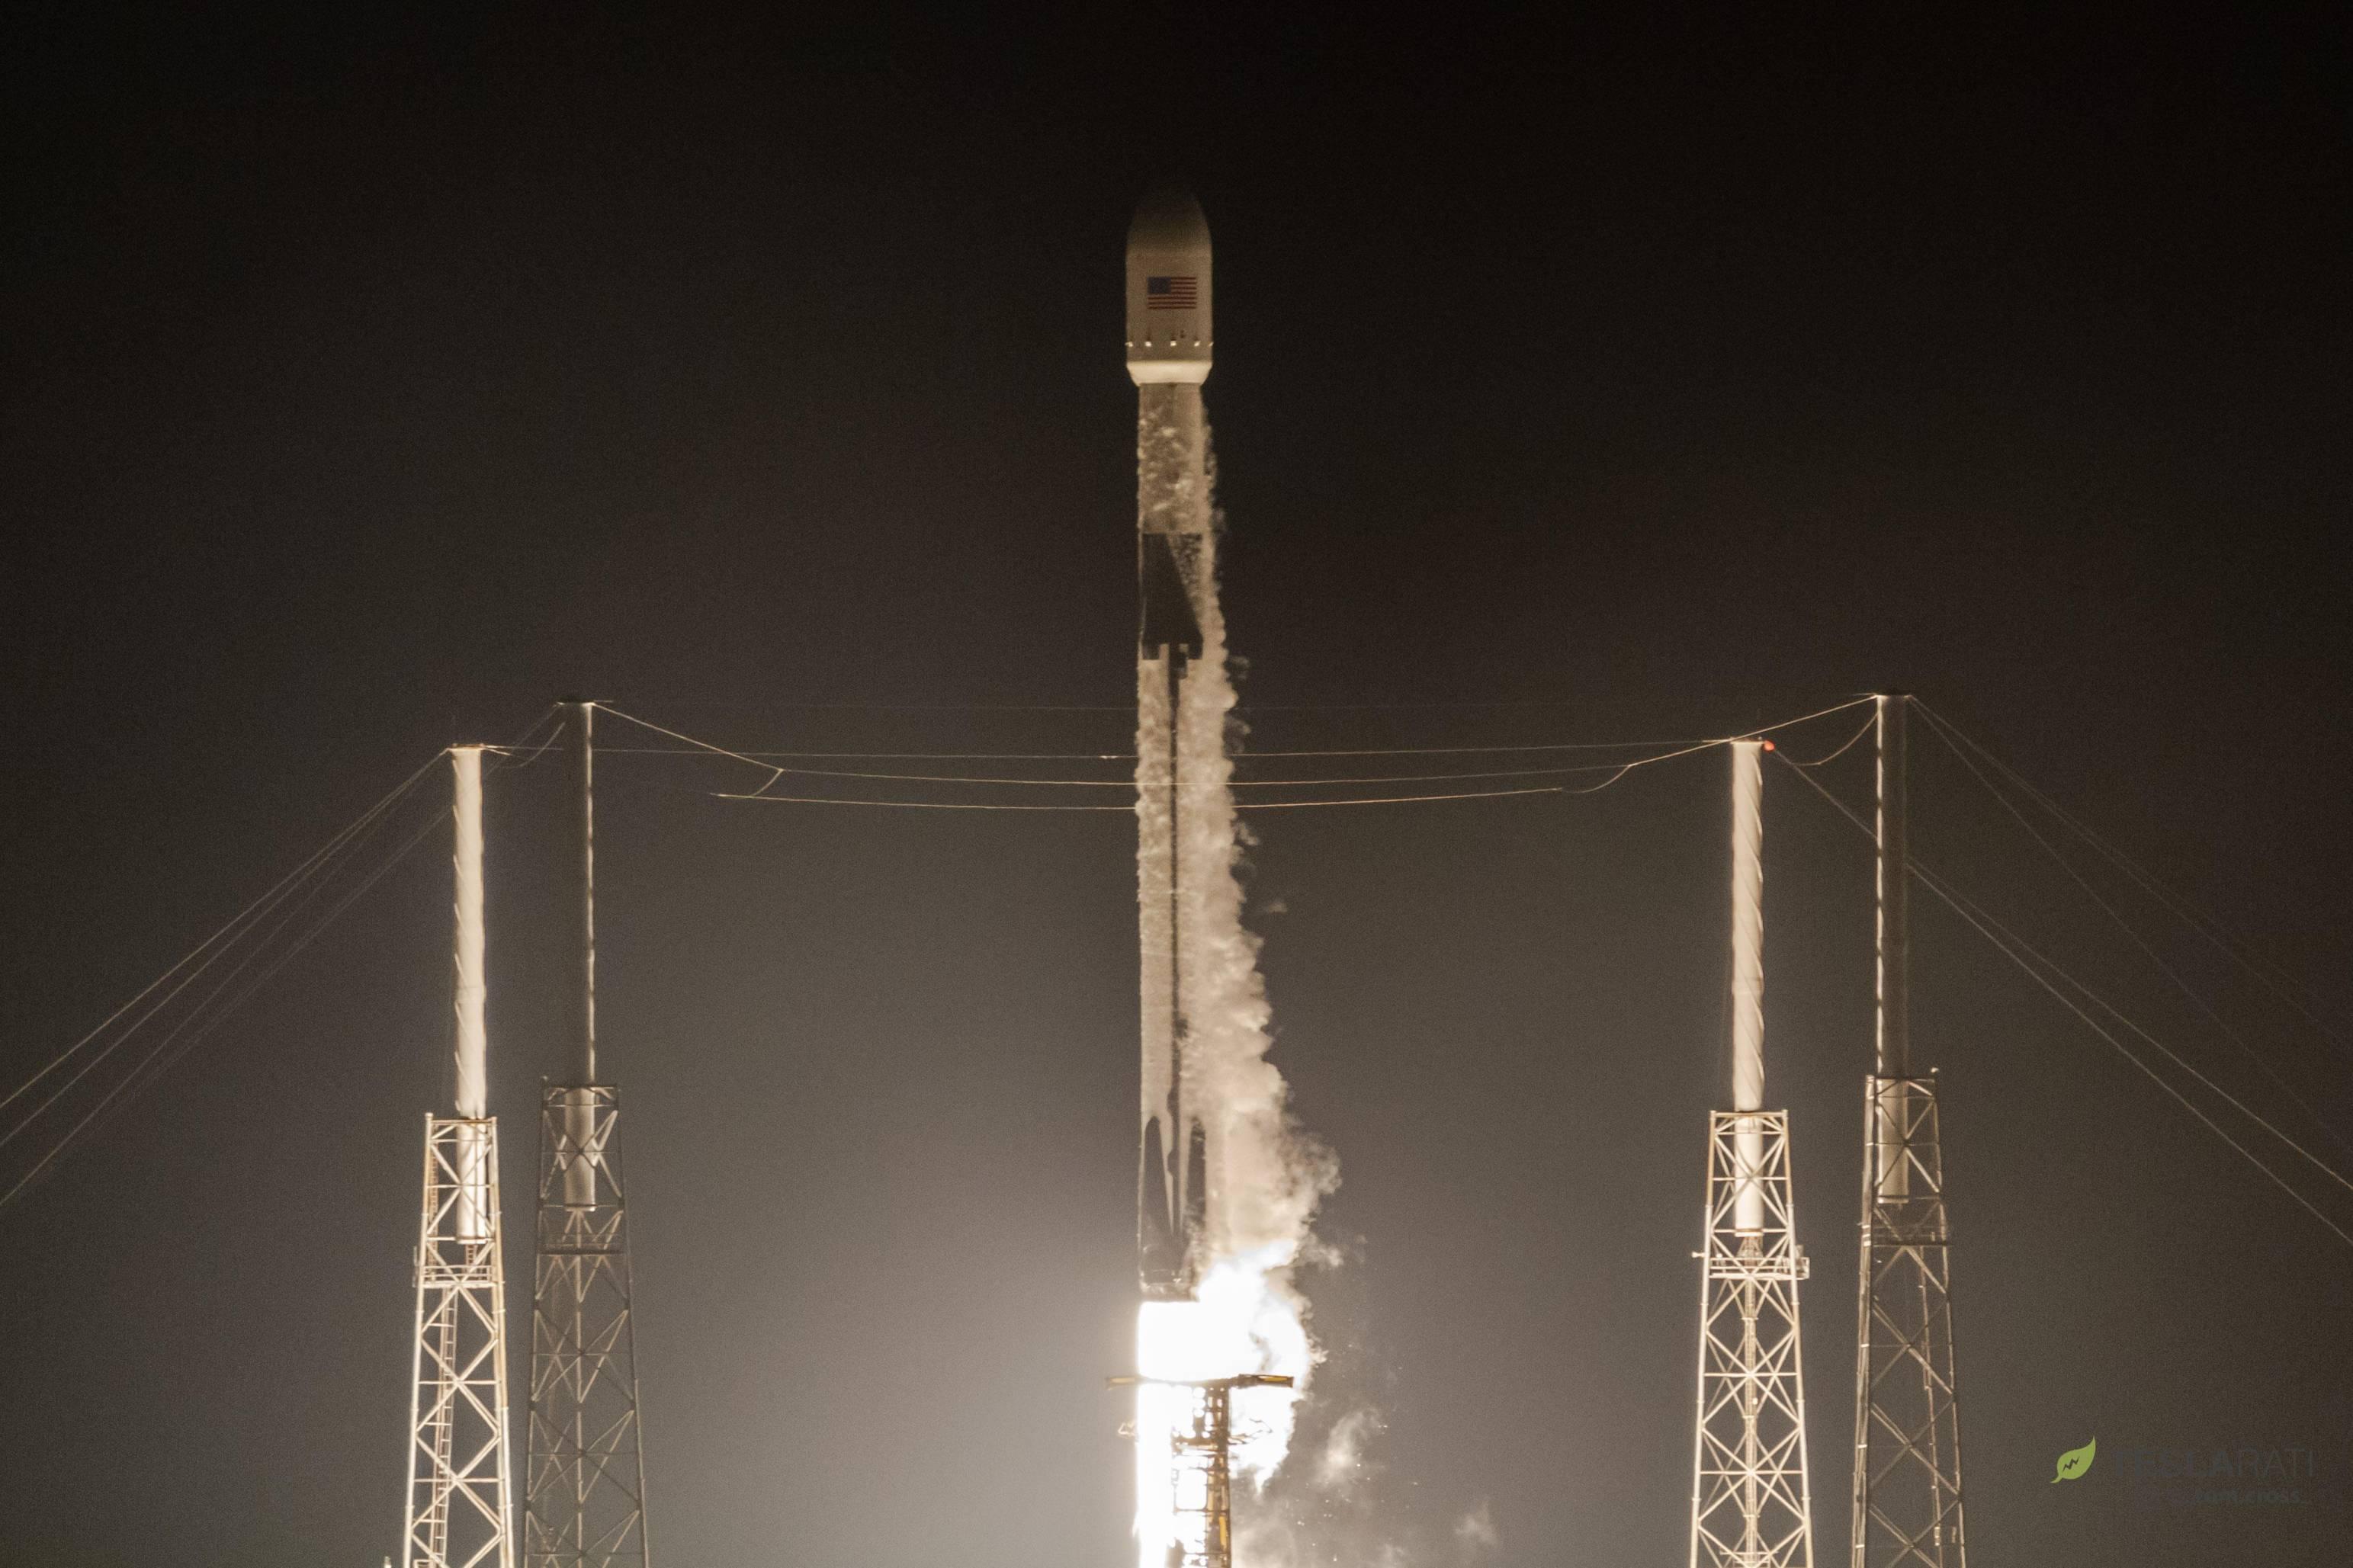 Telstar 19V B1047 liftoff (Tom Cross) 1